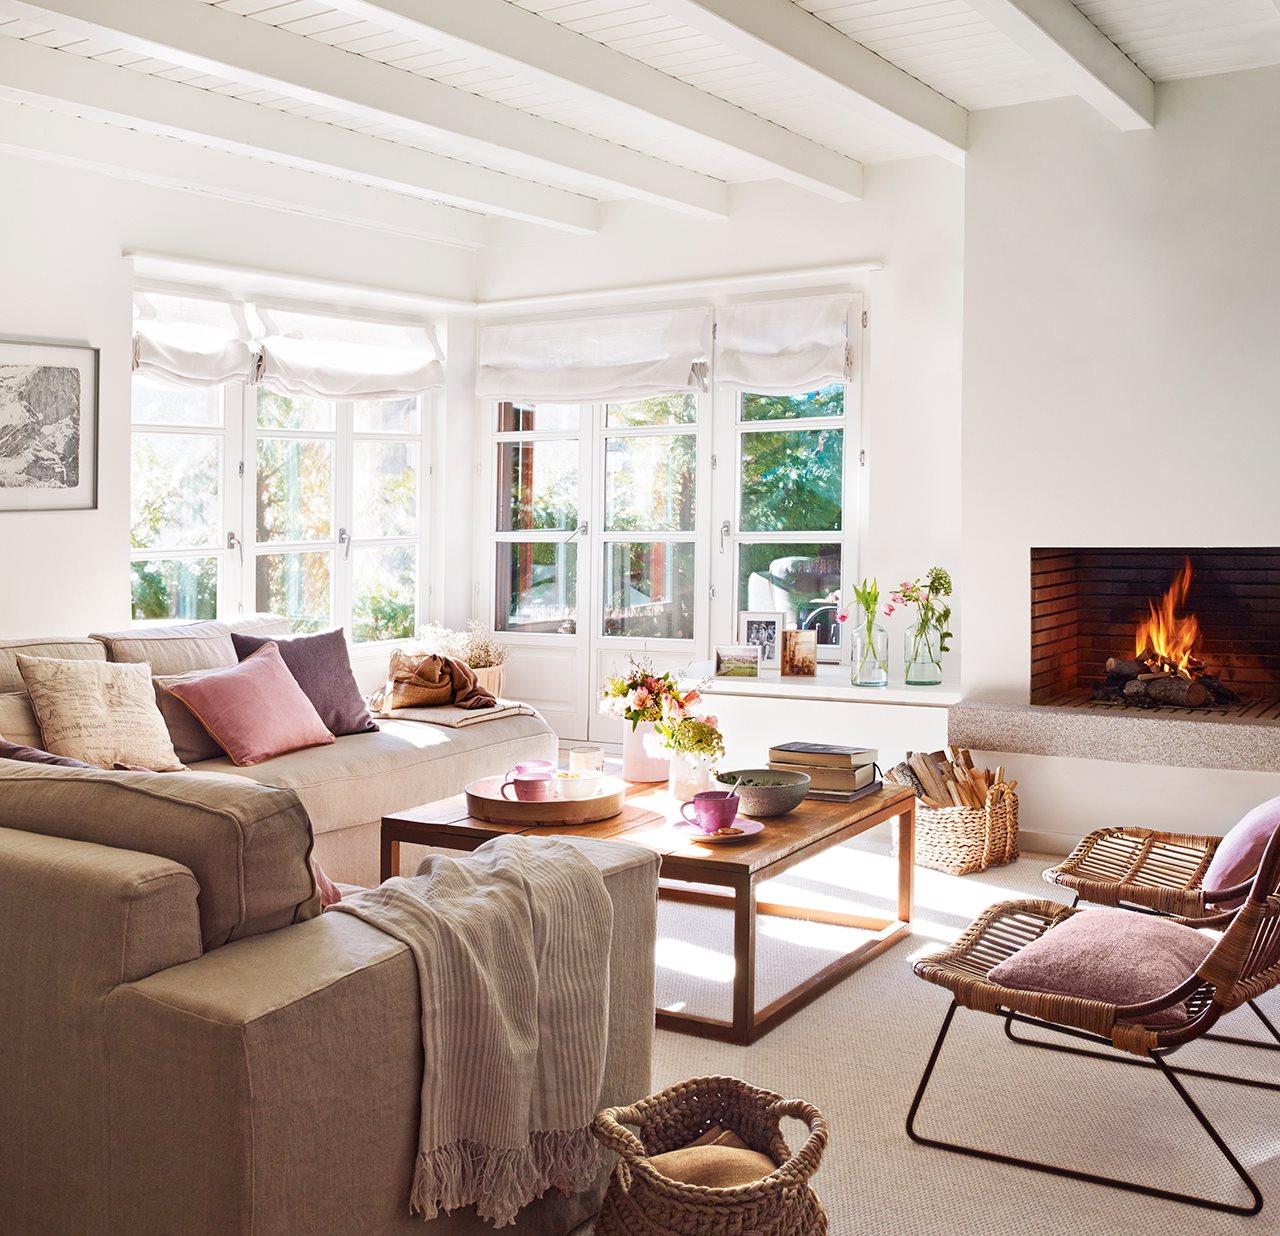 El Mueble Com Ipdd Una Casa Rústica En Blanco Y Madera Clara